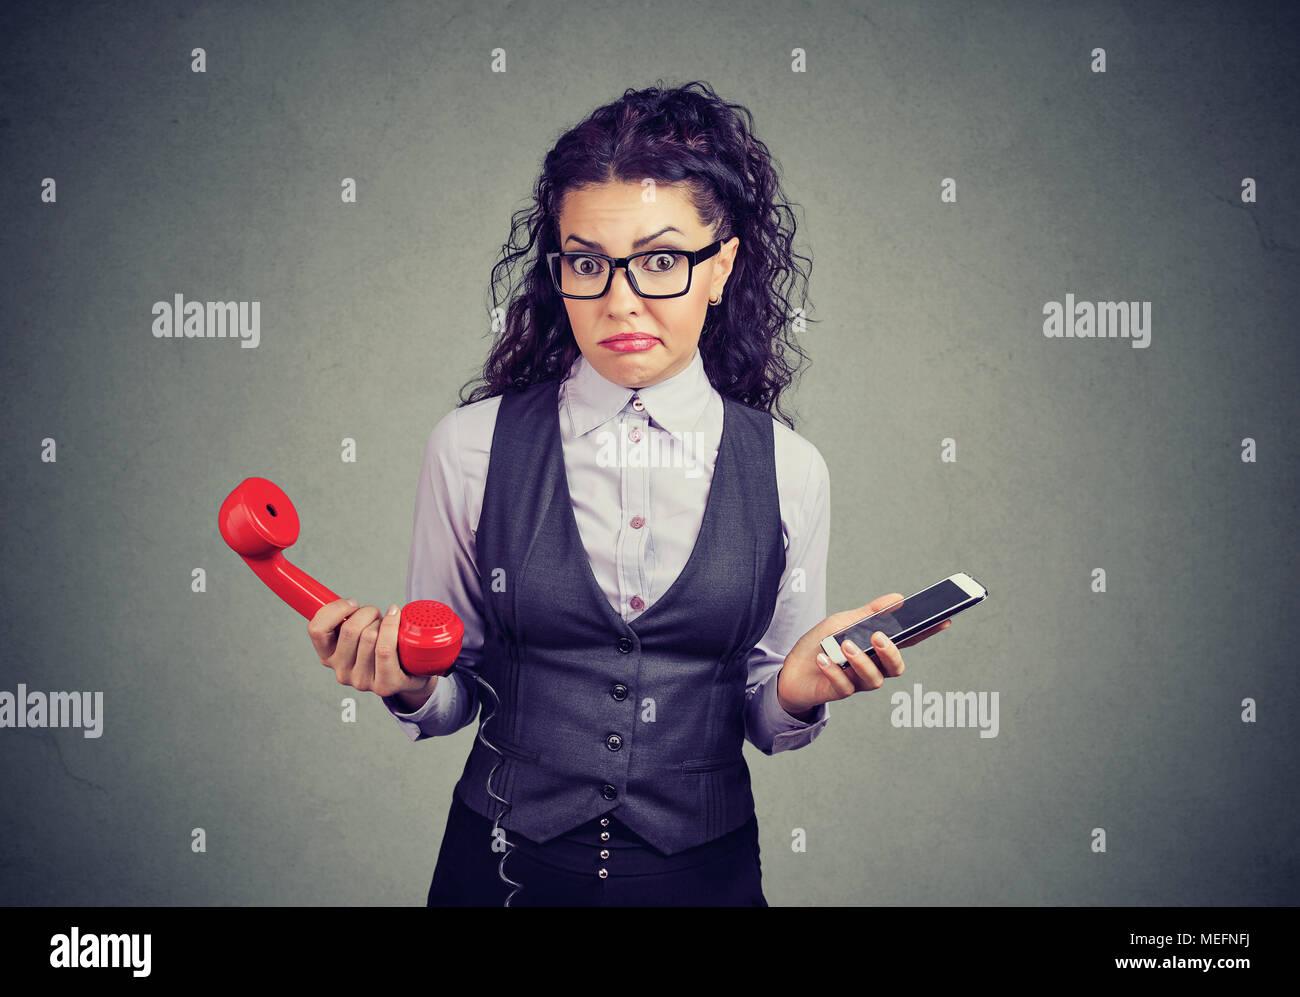 Donna formale in bicchieri azienda telefono vecchio e nuovo smartphone guardando perplesso alla fotocamera. Immagini Stock